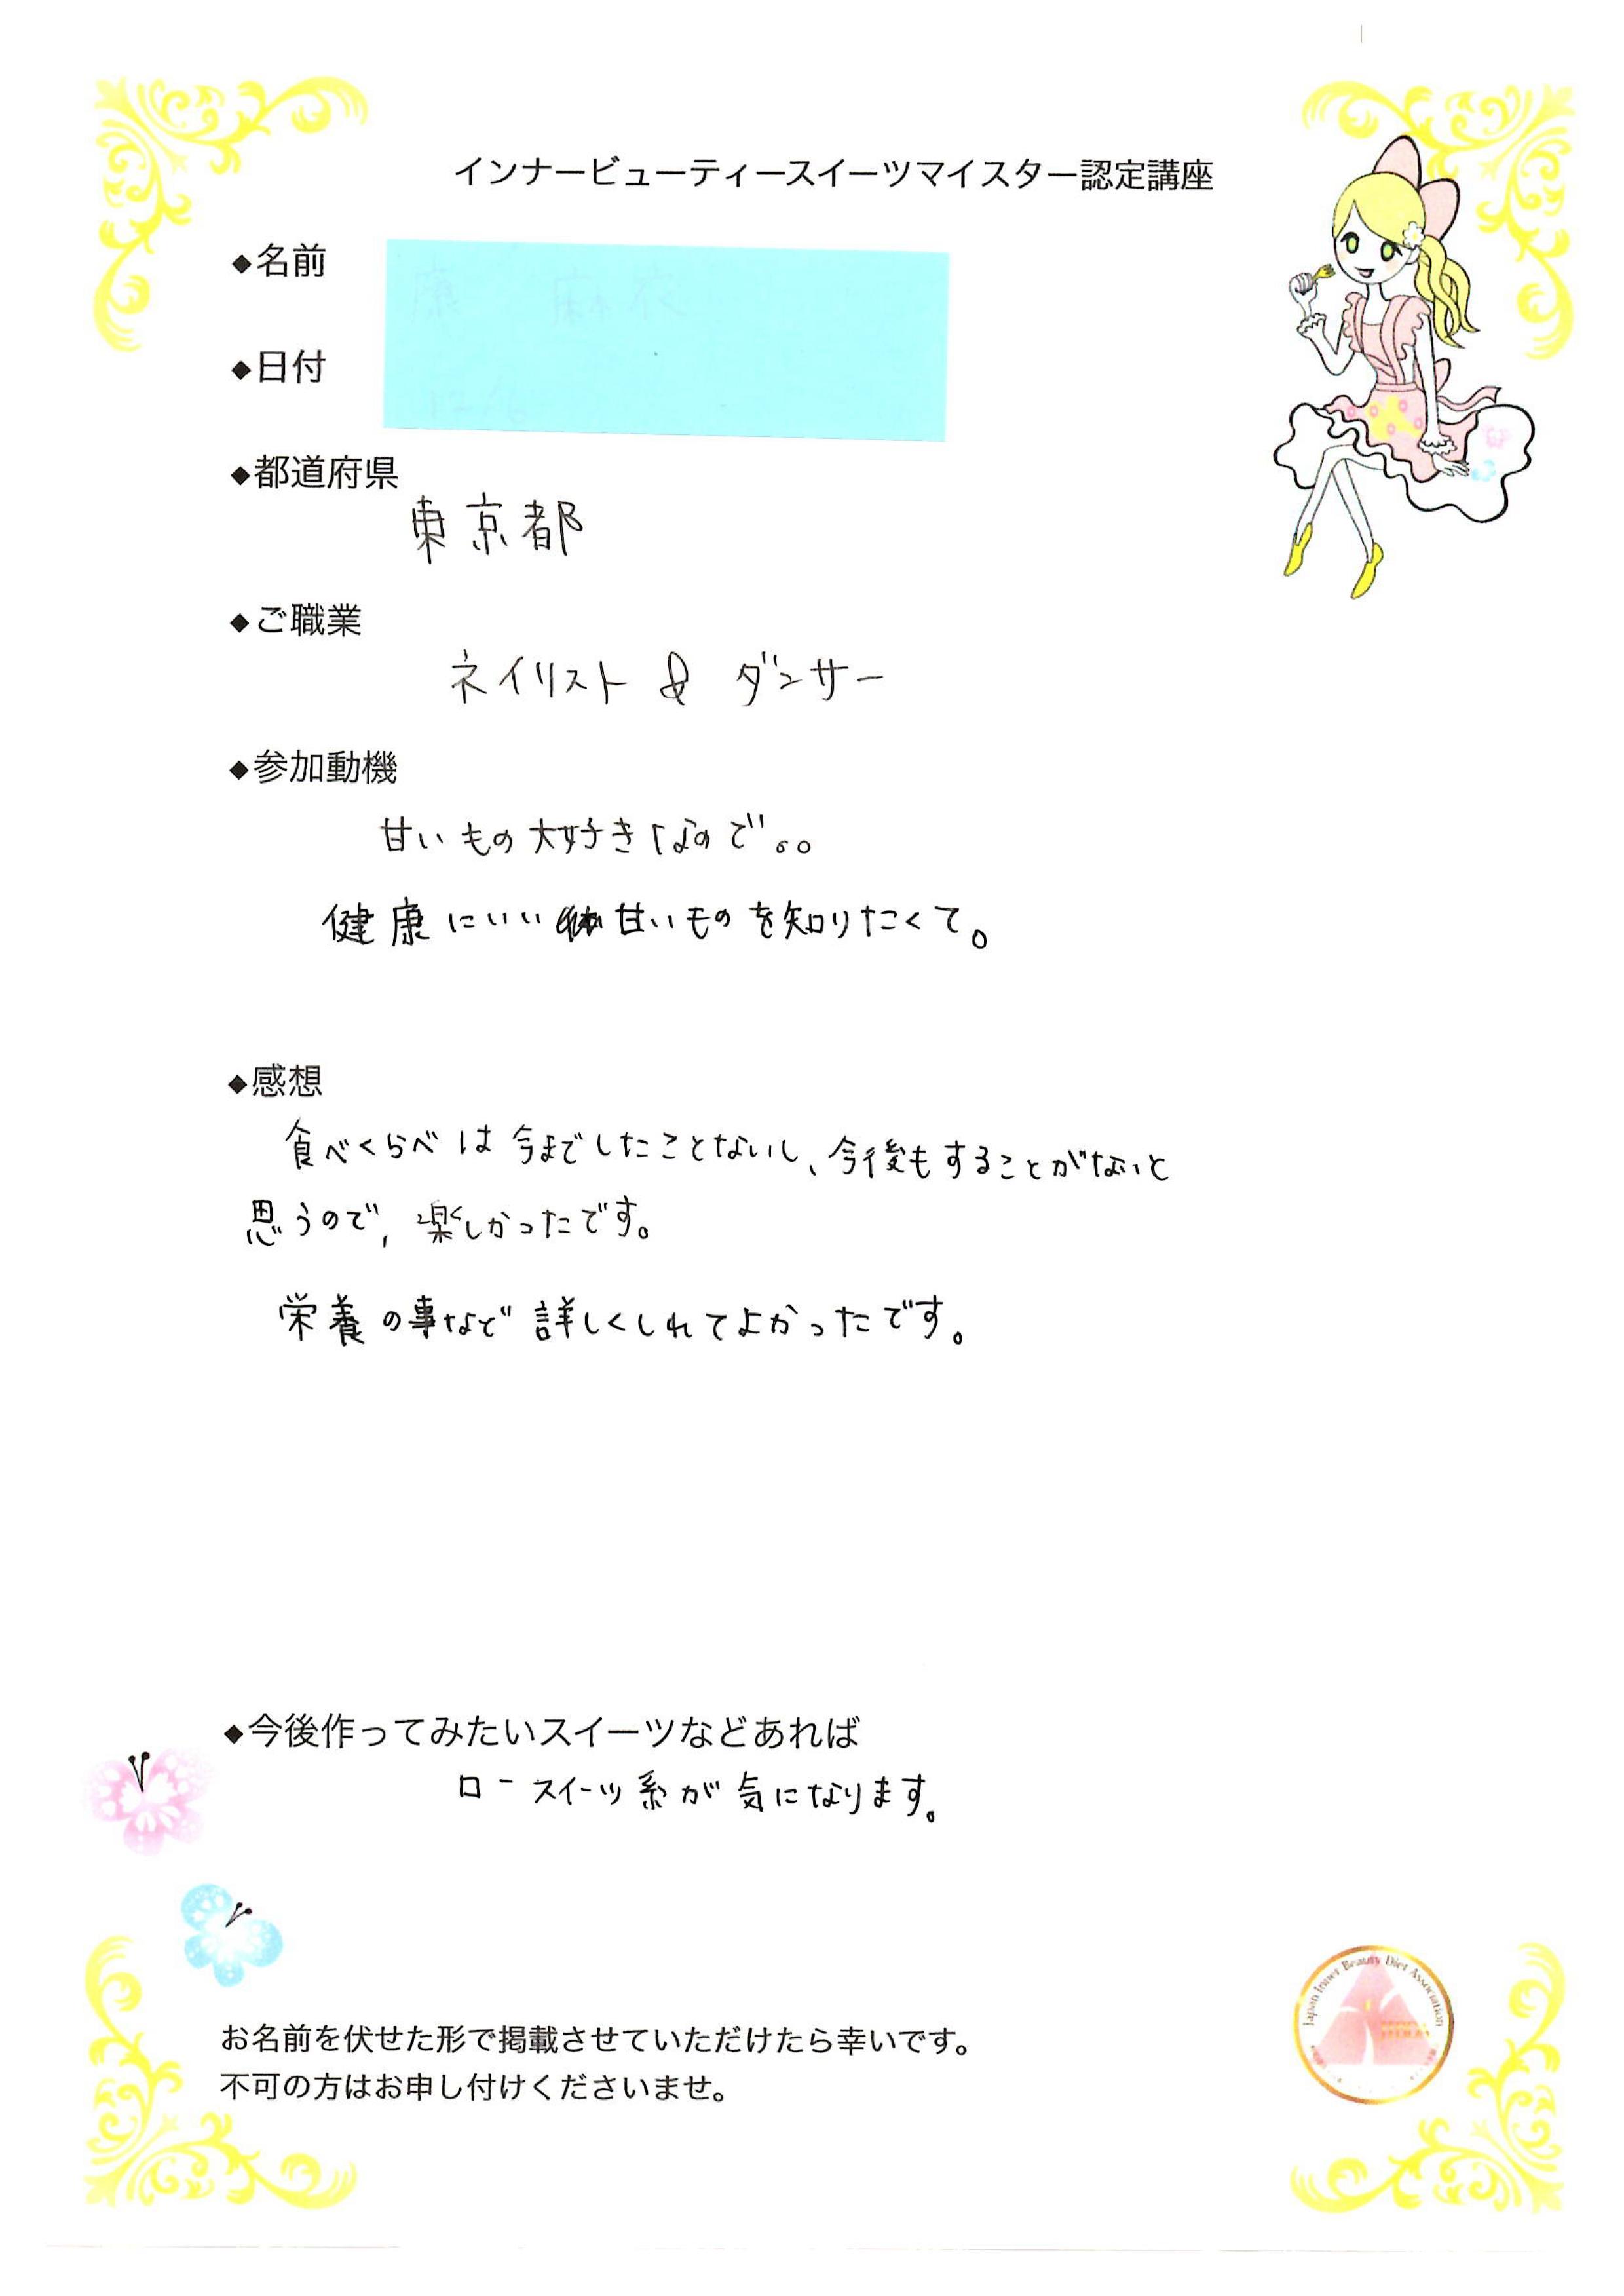 20151206-ibsm3_01